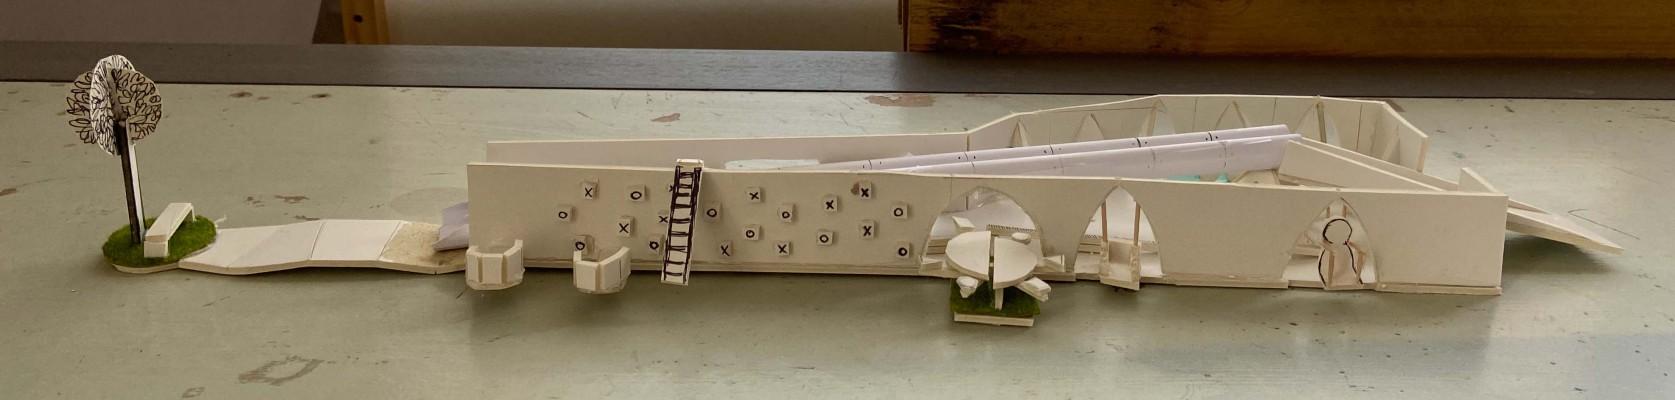 Spielplatz Modell 02